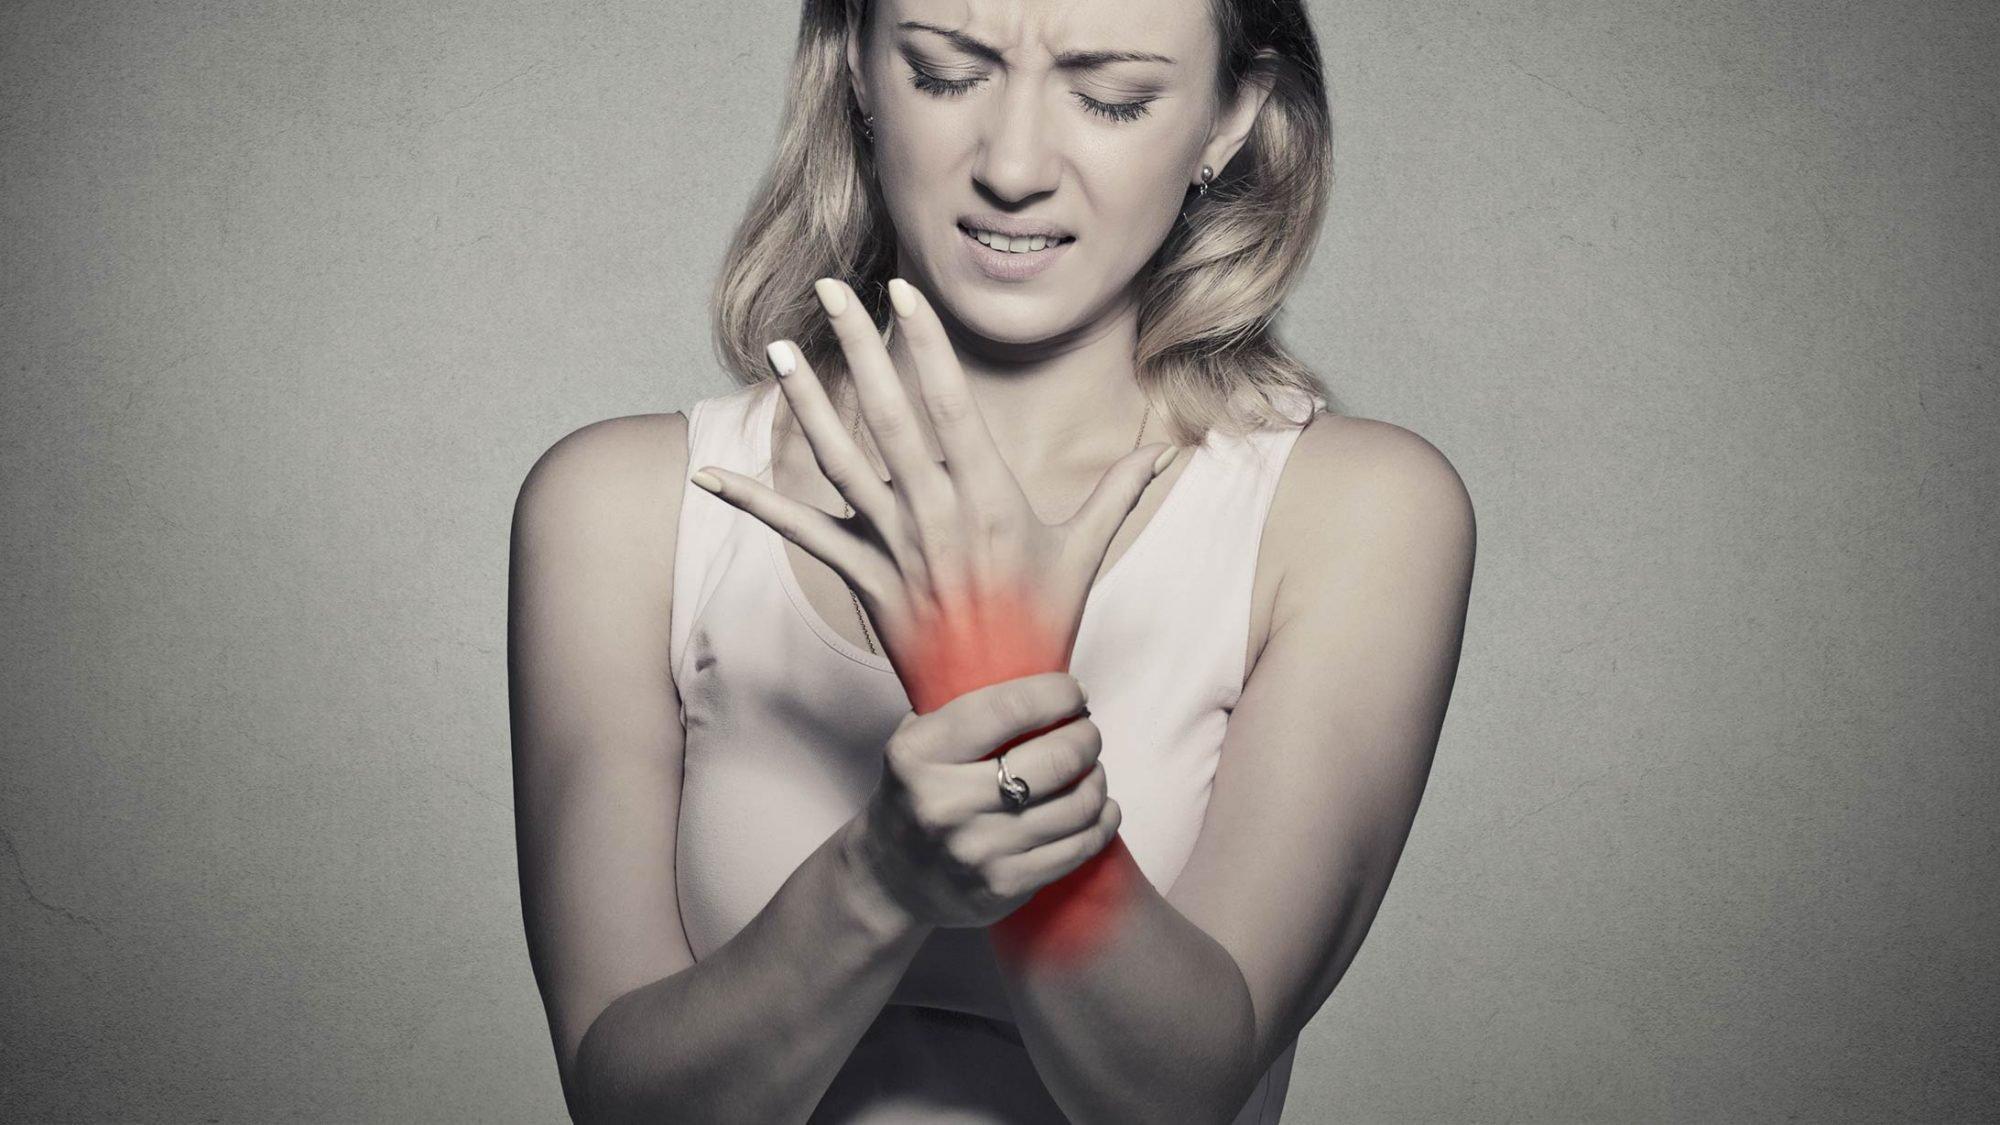 Symbolbild einer Frau mit dem Karpaltunnelsyndrom